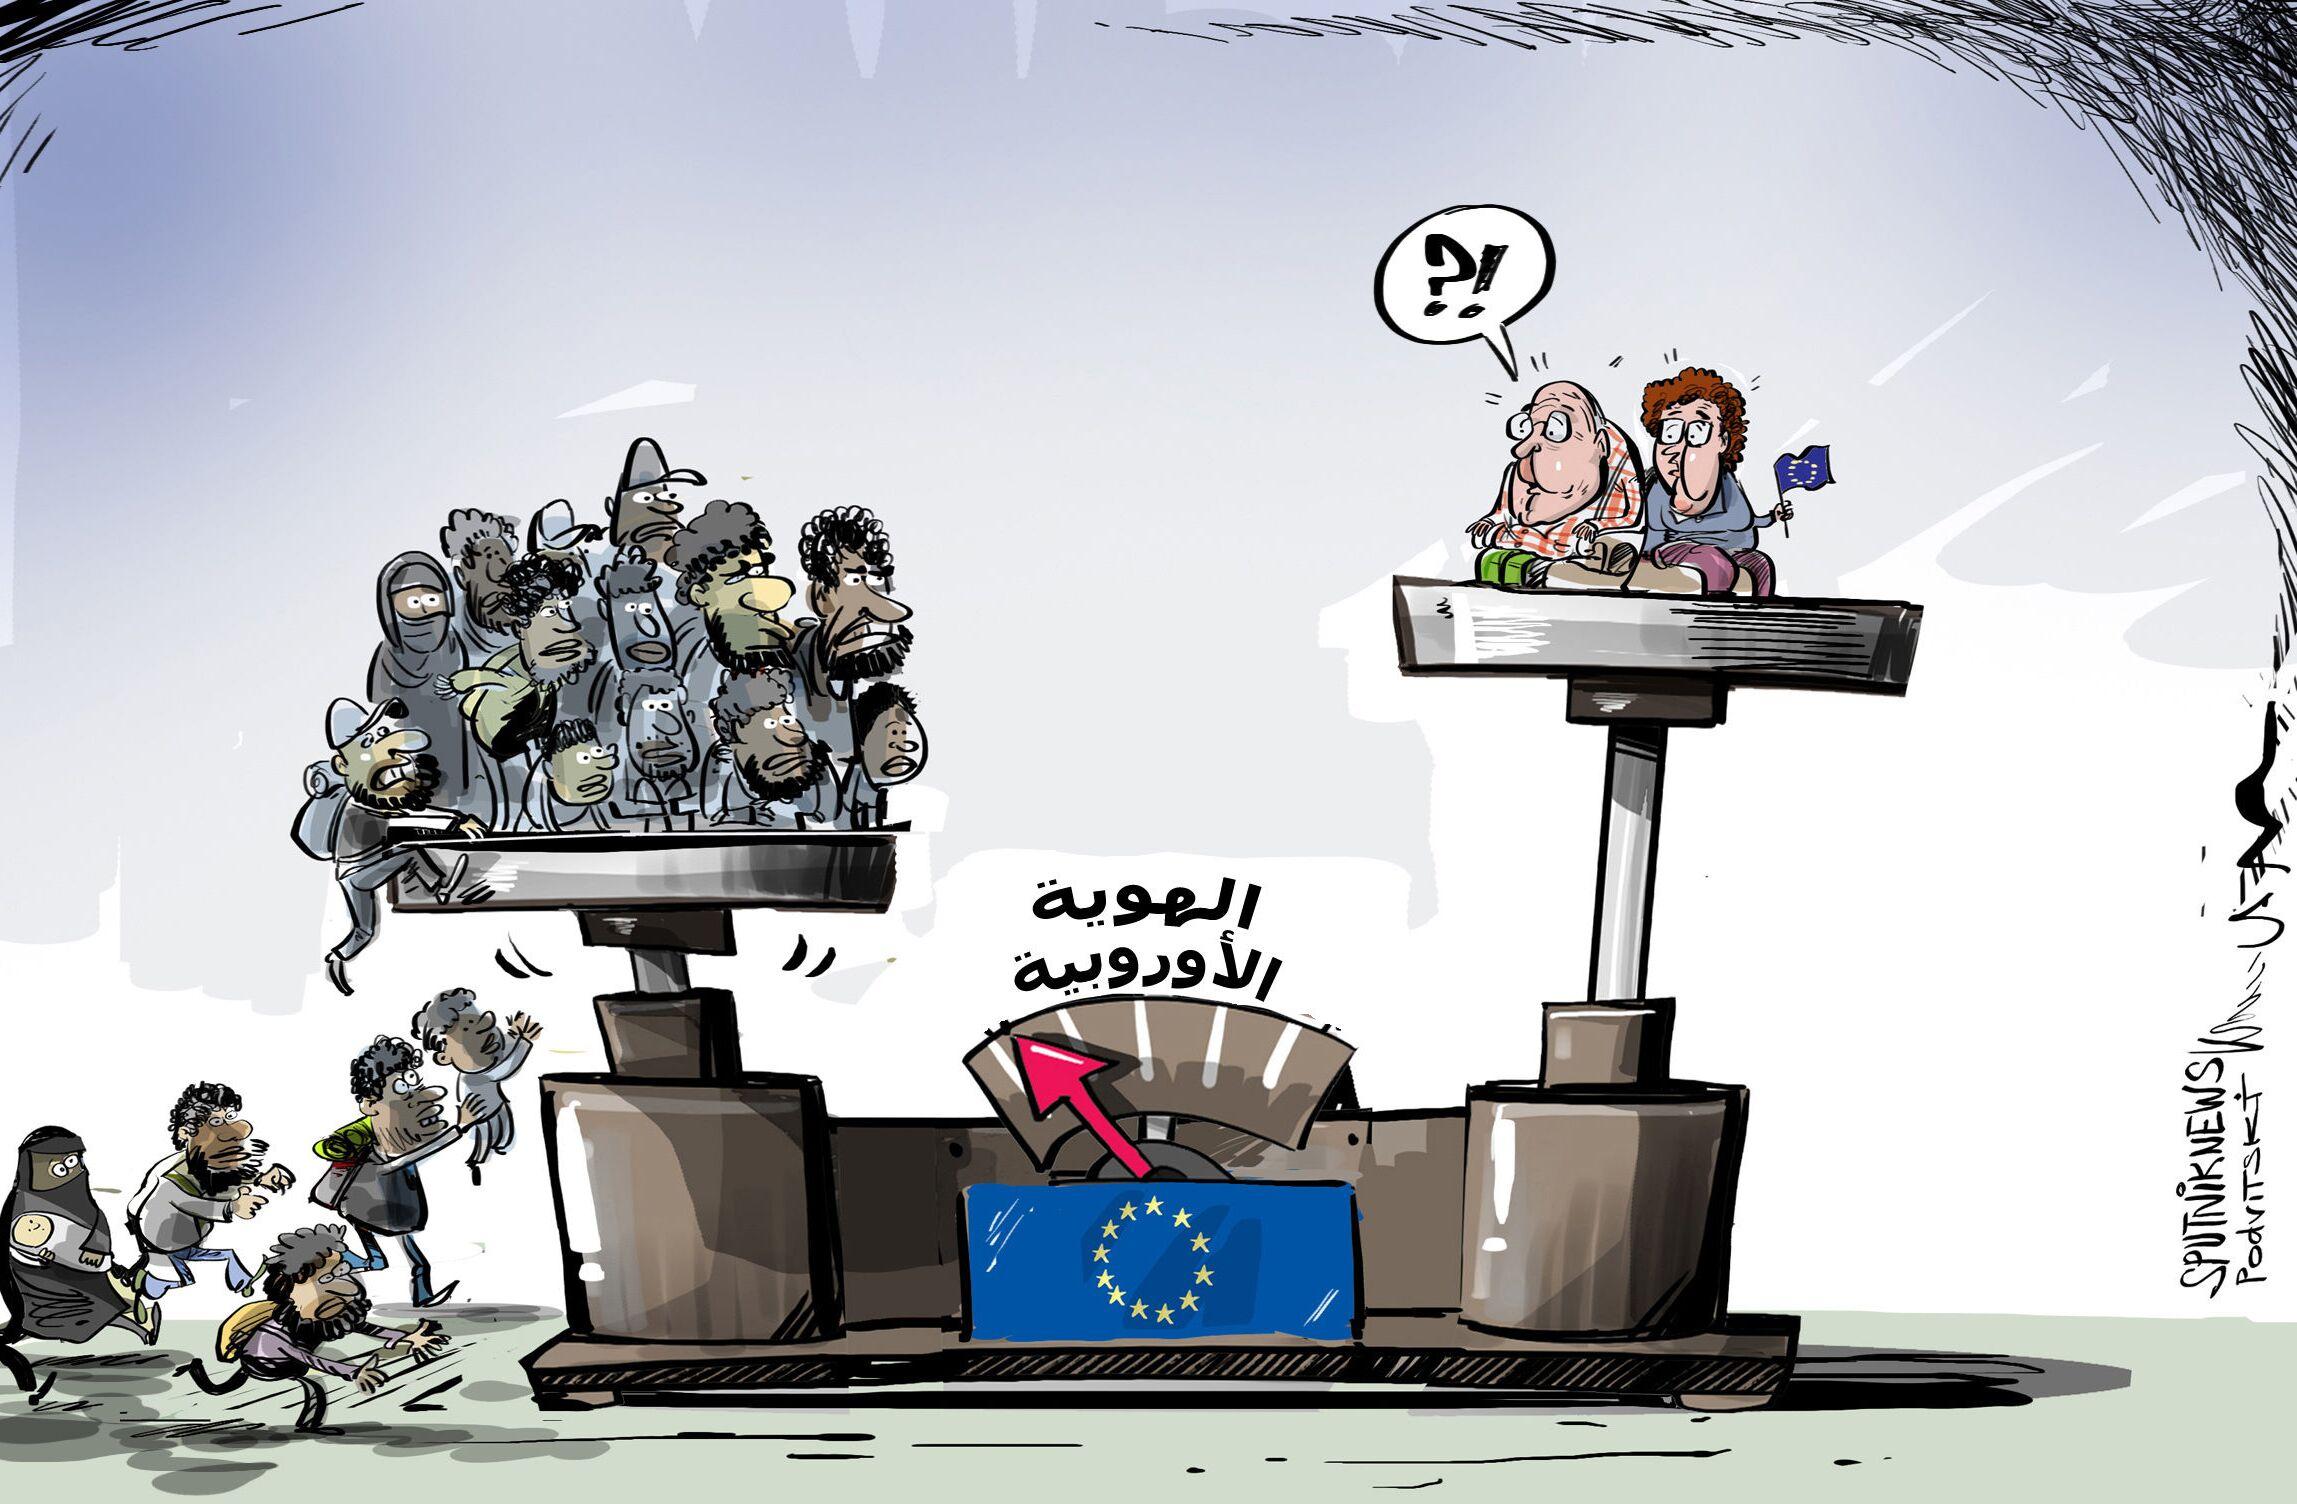 الهوية الأوروبية في خطر